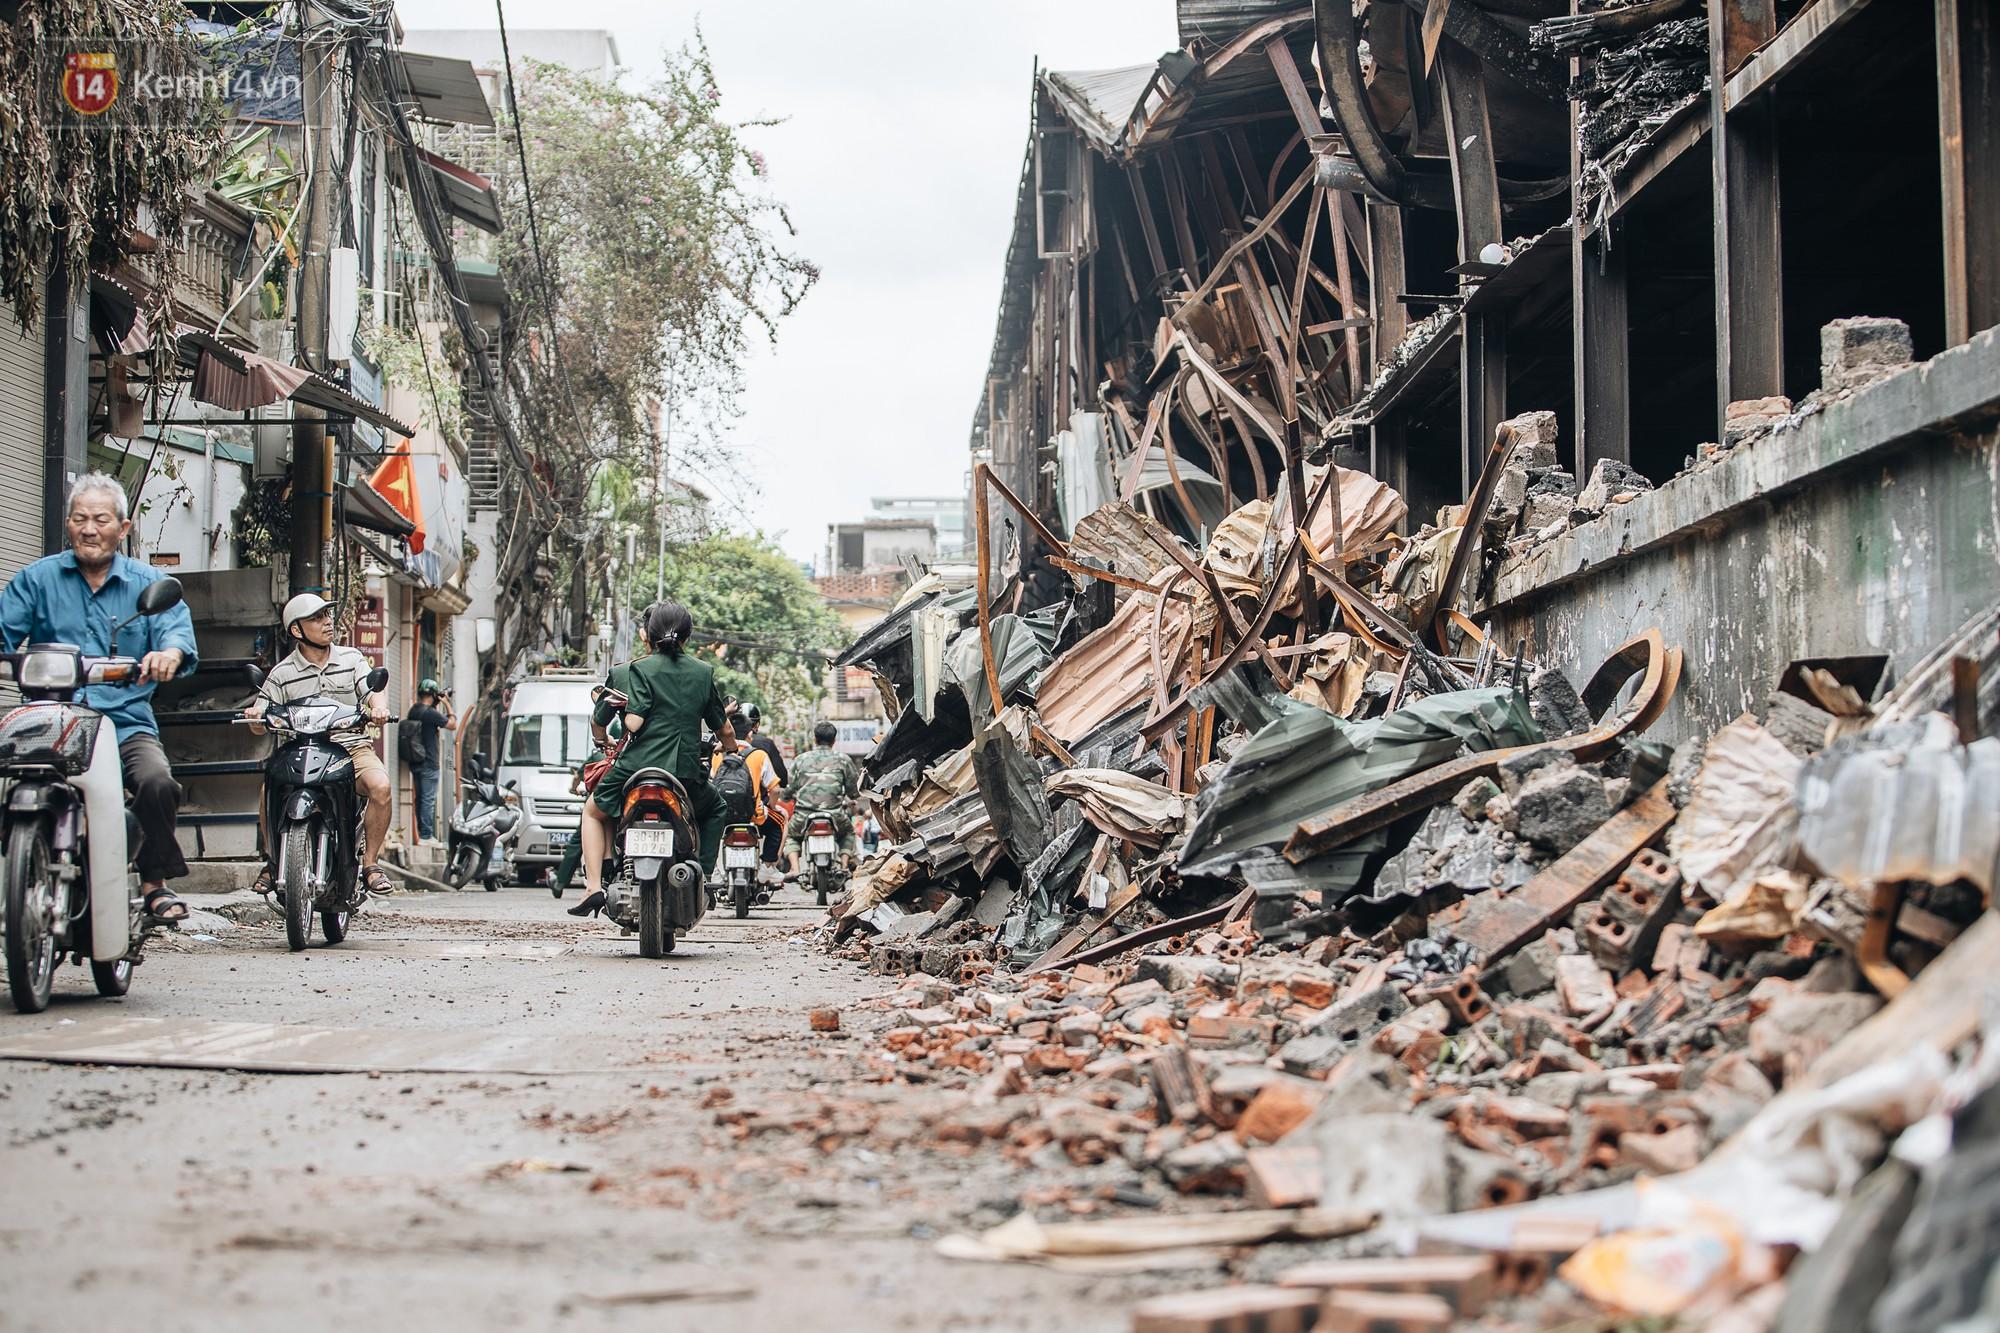 VZN News: Cuộc sống xung quanh nhà kho Rạng Đông sau vụ cháy: Người lớn cay mắt và khó thở, trẻ nhỏ được sơ tán - Ảnh 7.